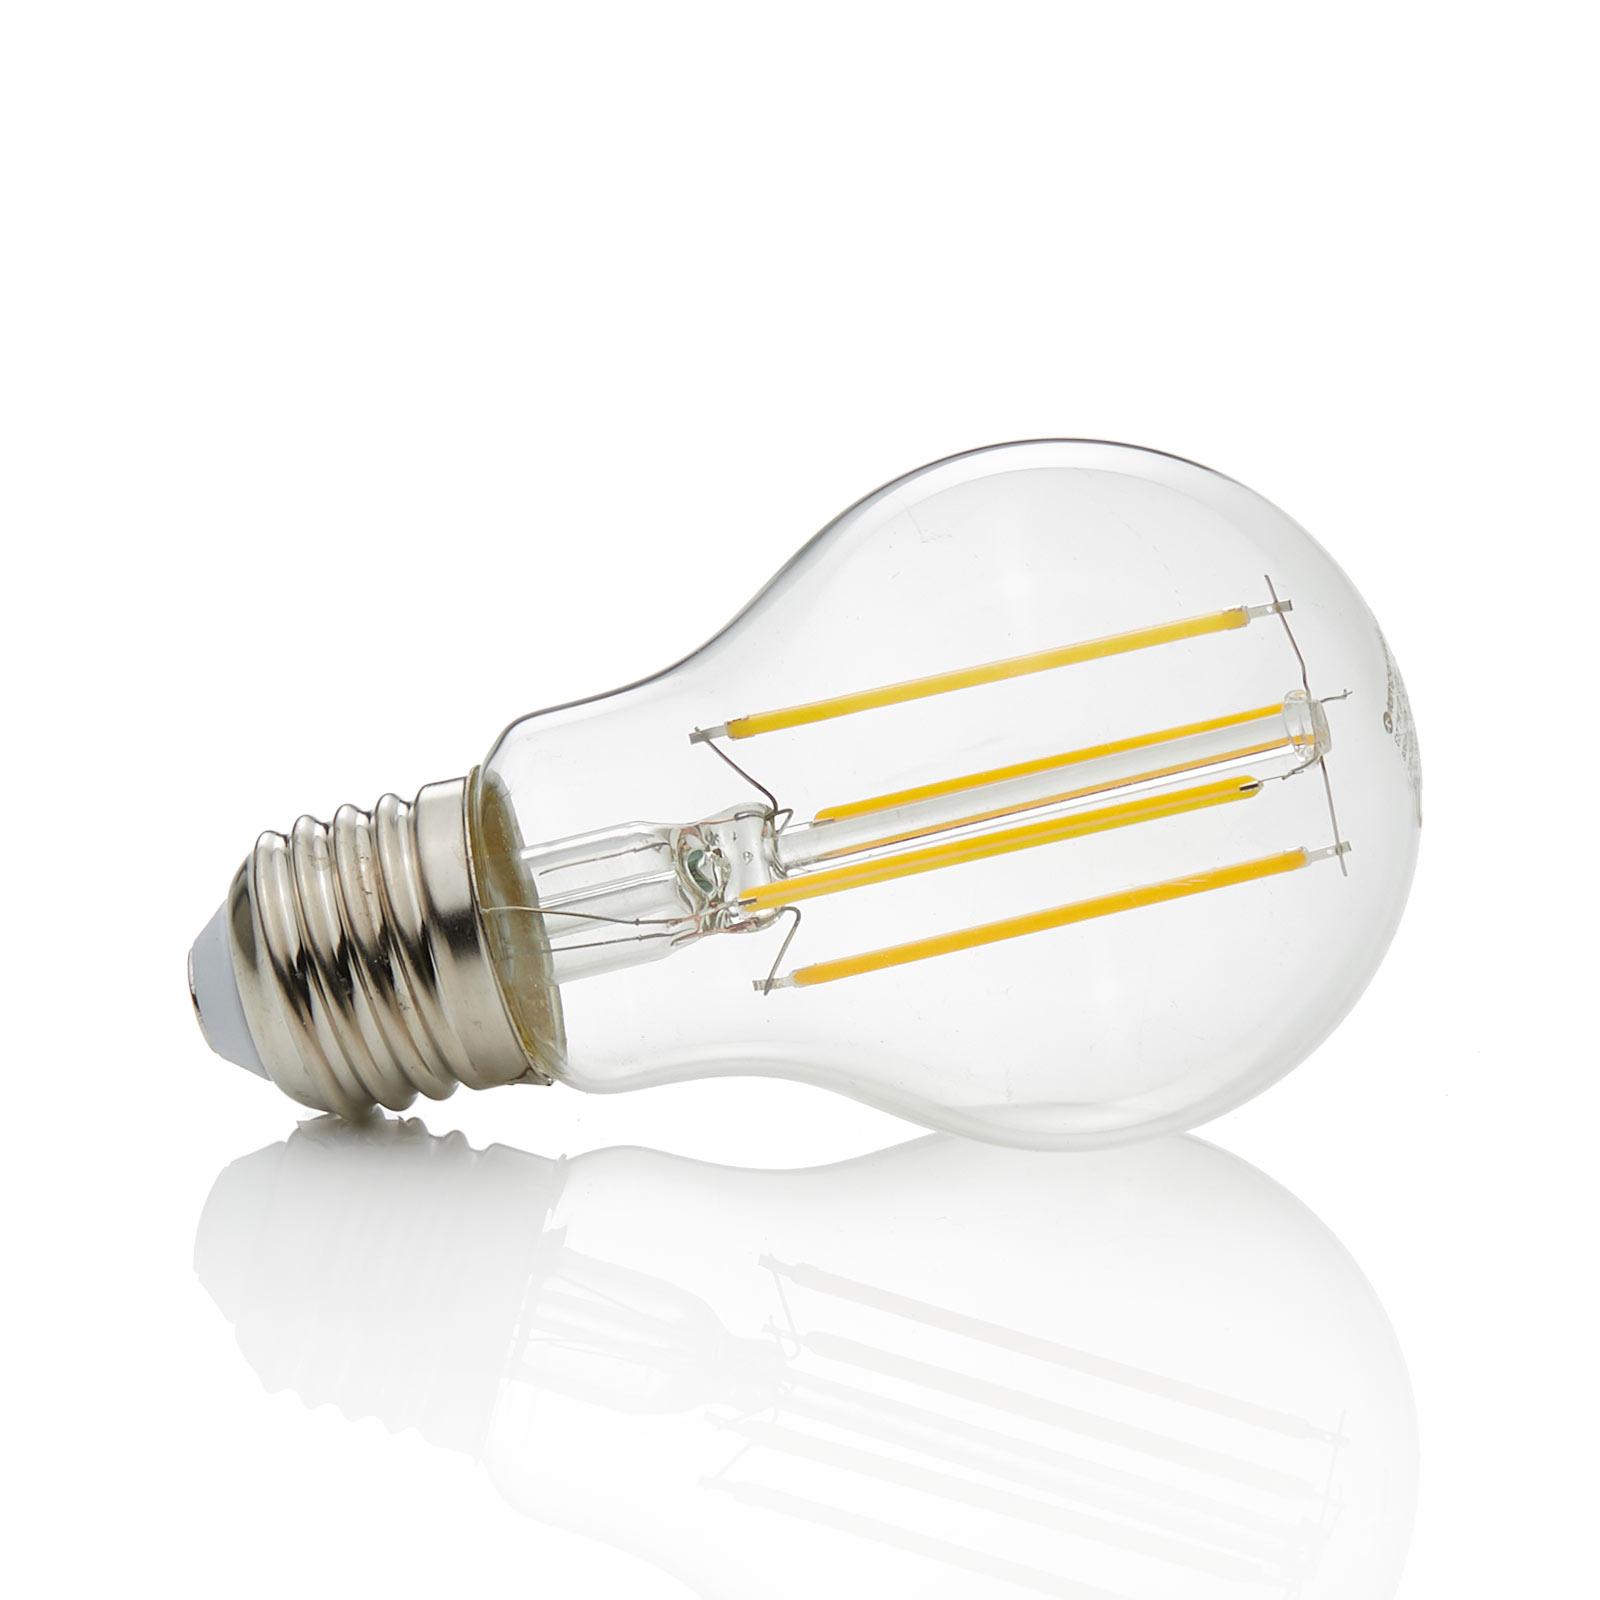 E27 filament LED bulb 7W, 806 lm, 2,700K, clear_9993033_1